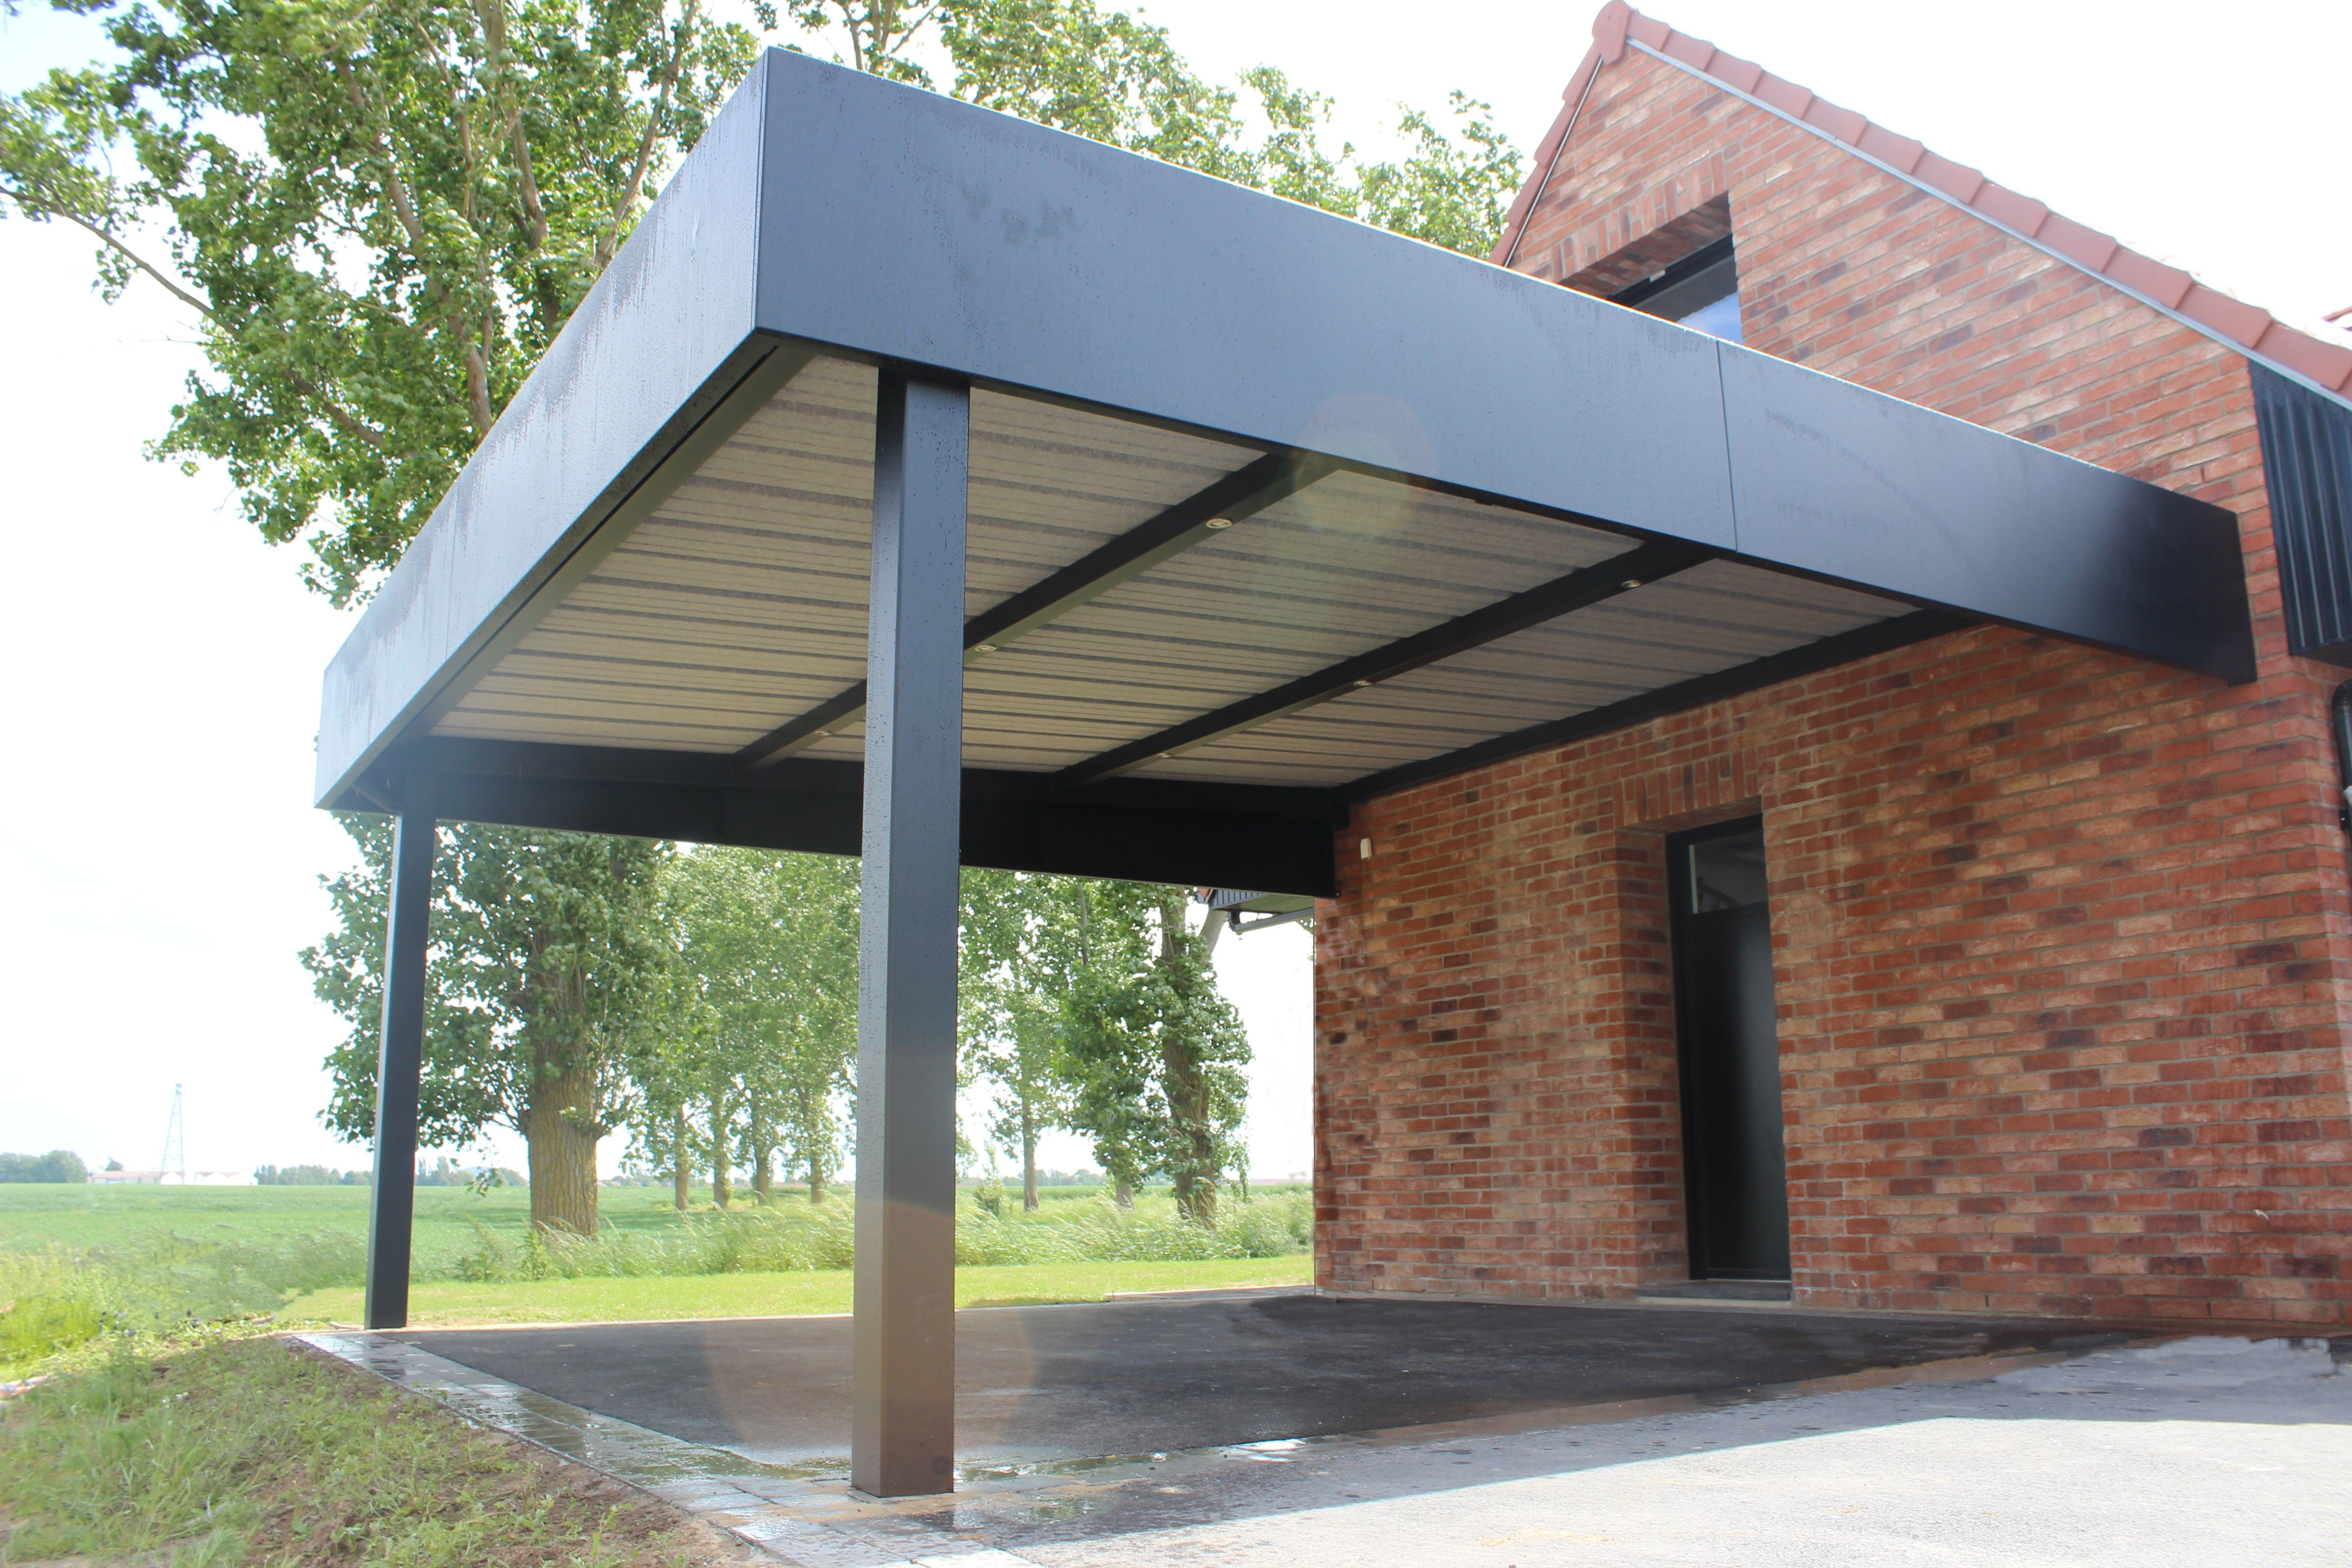 Carport Horizon En Tole Pleine Et Lisse Fabrication Francaise En Aluminium Robuste Et Epais Pour Une R Porche Entree Maison Entree Maison Maisons Exterieures